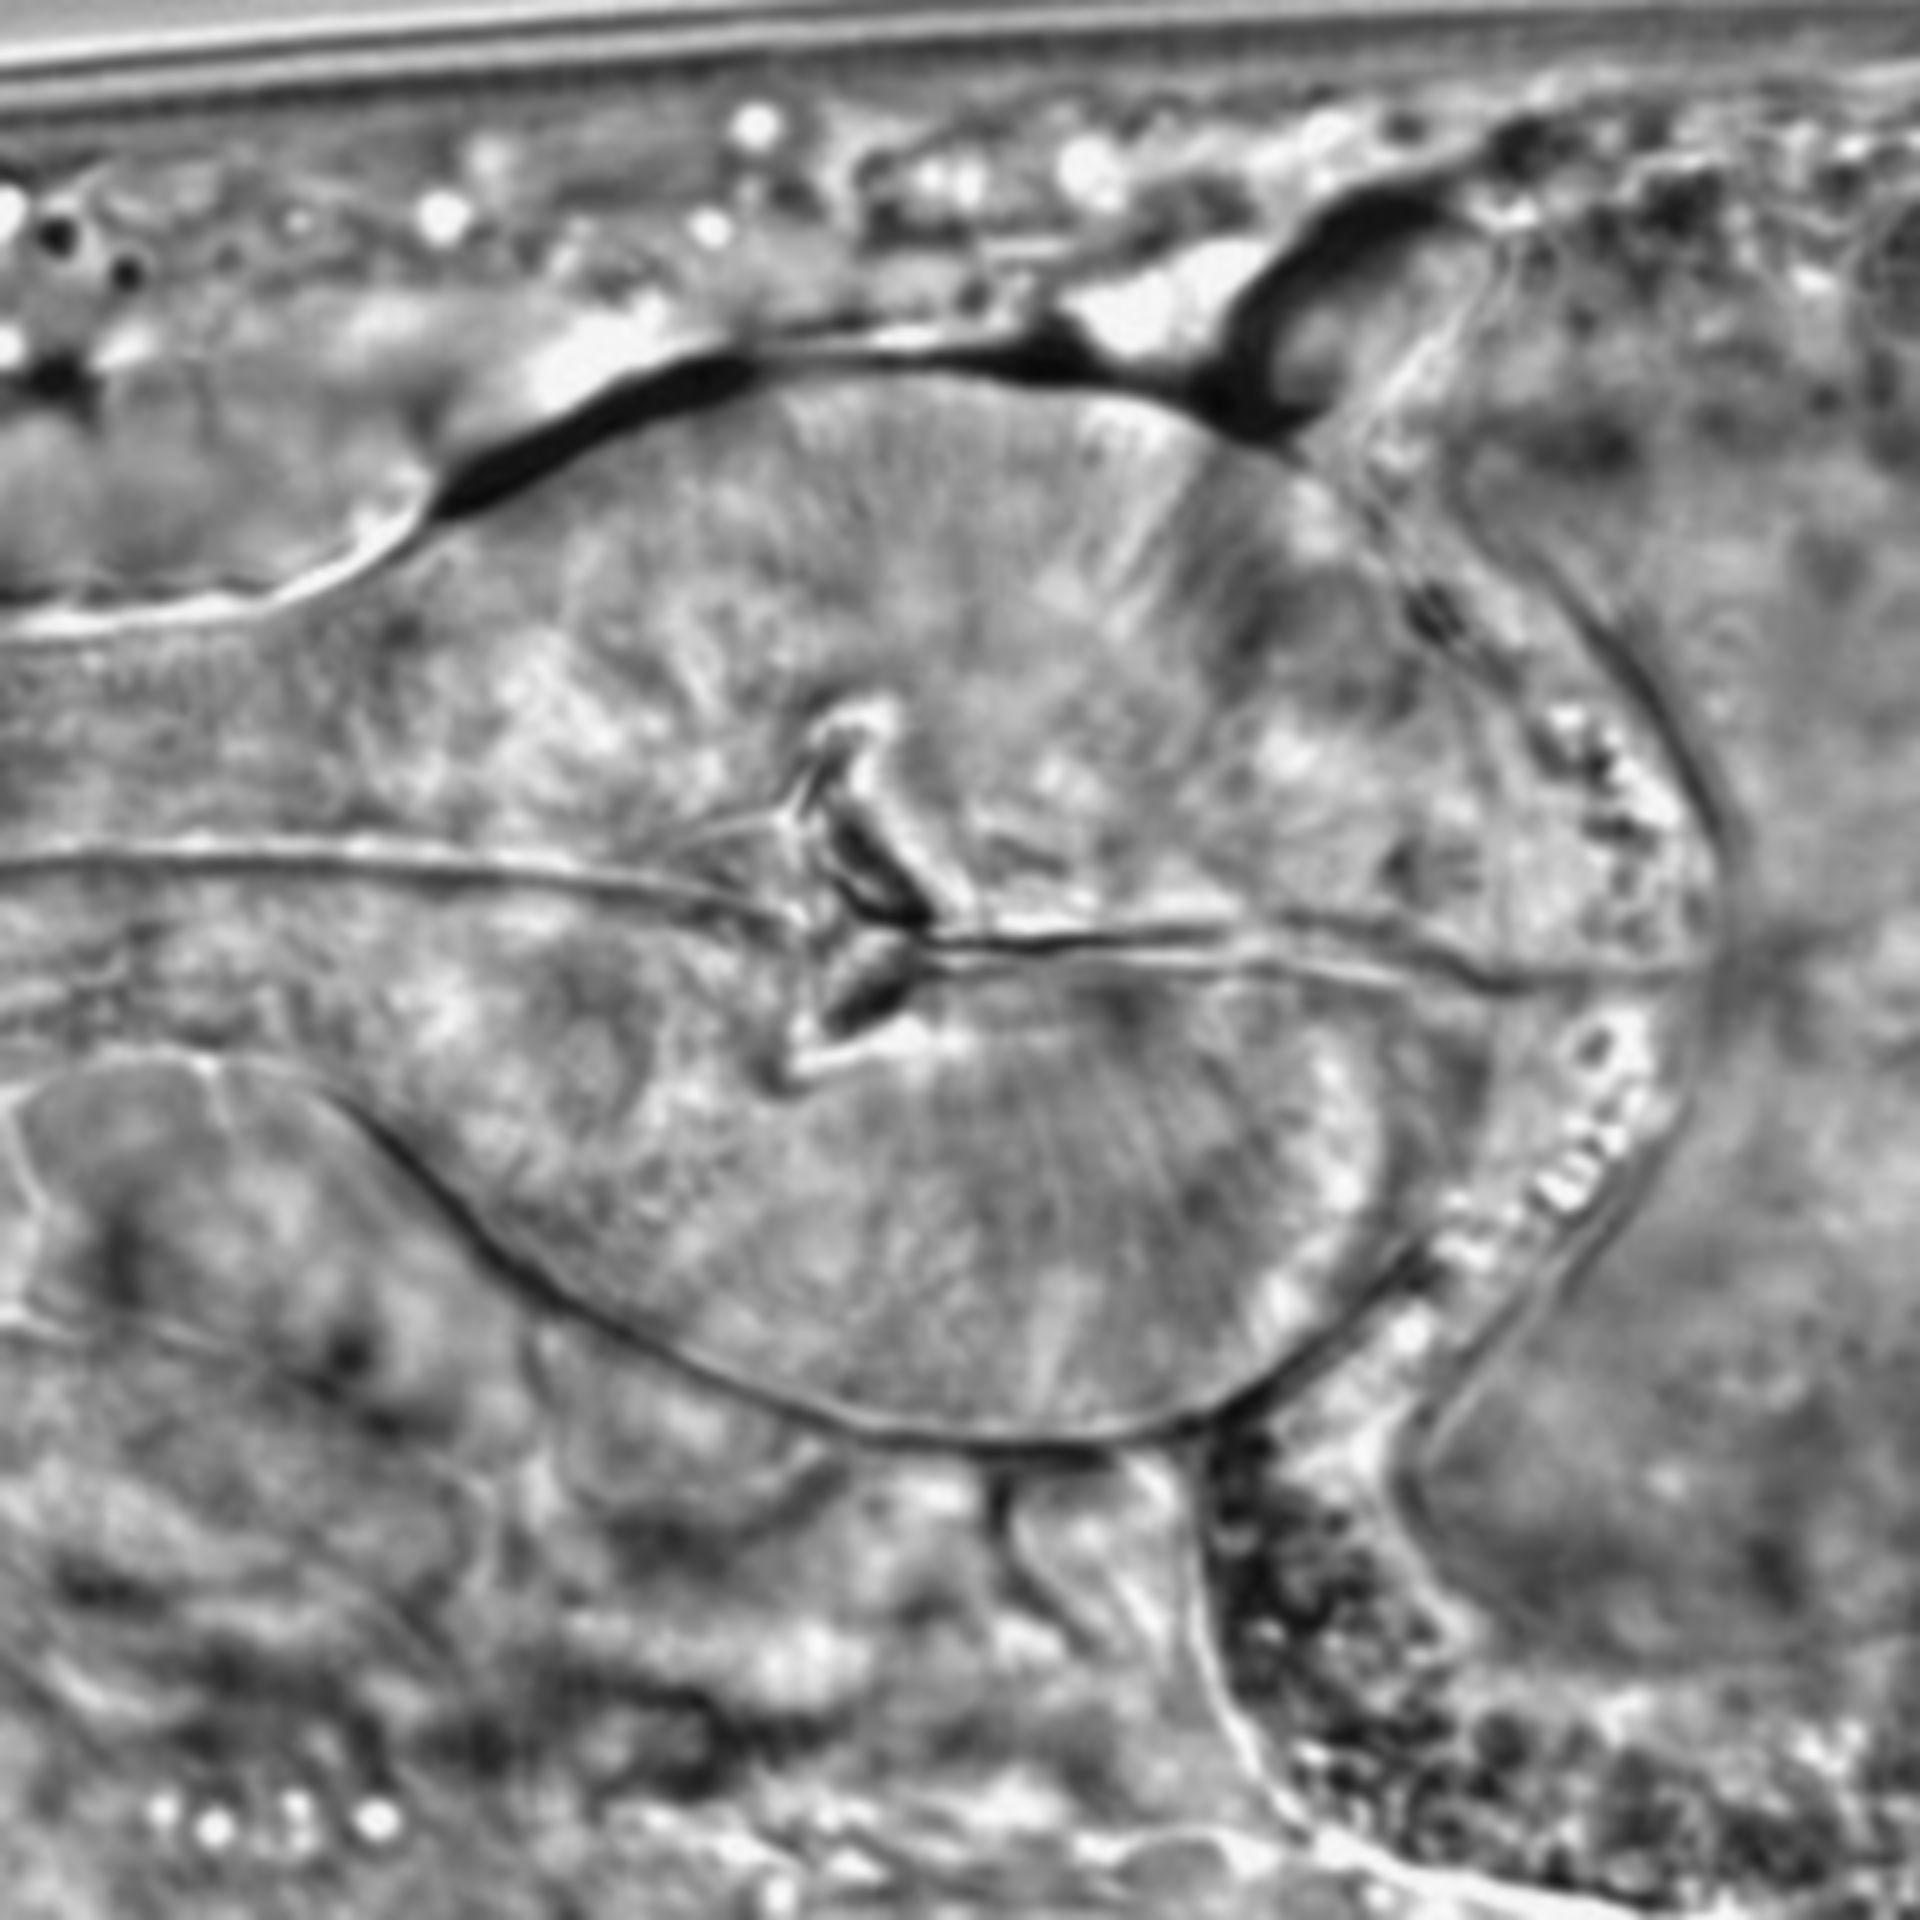 Caenorhabditis elegans - CIL:1621